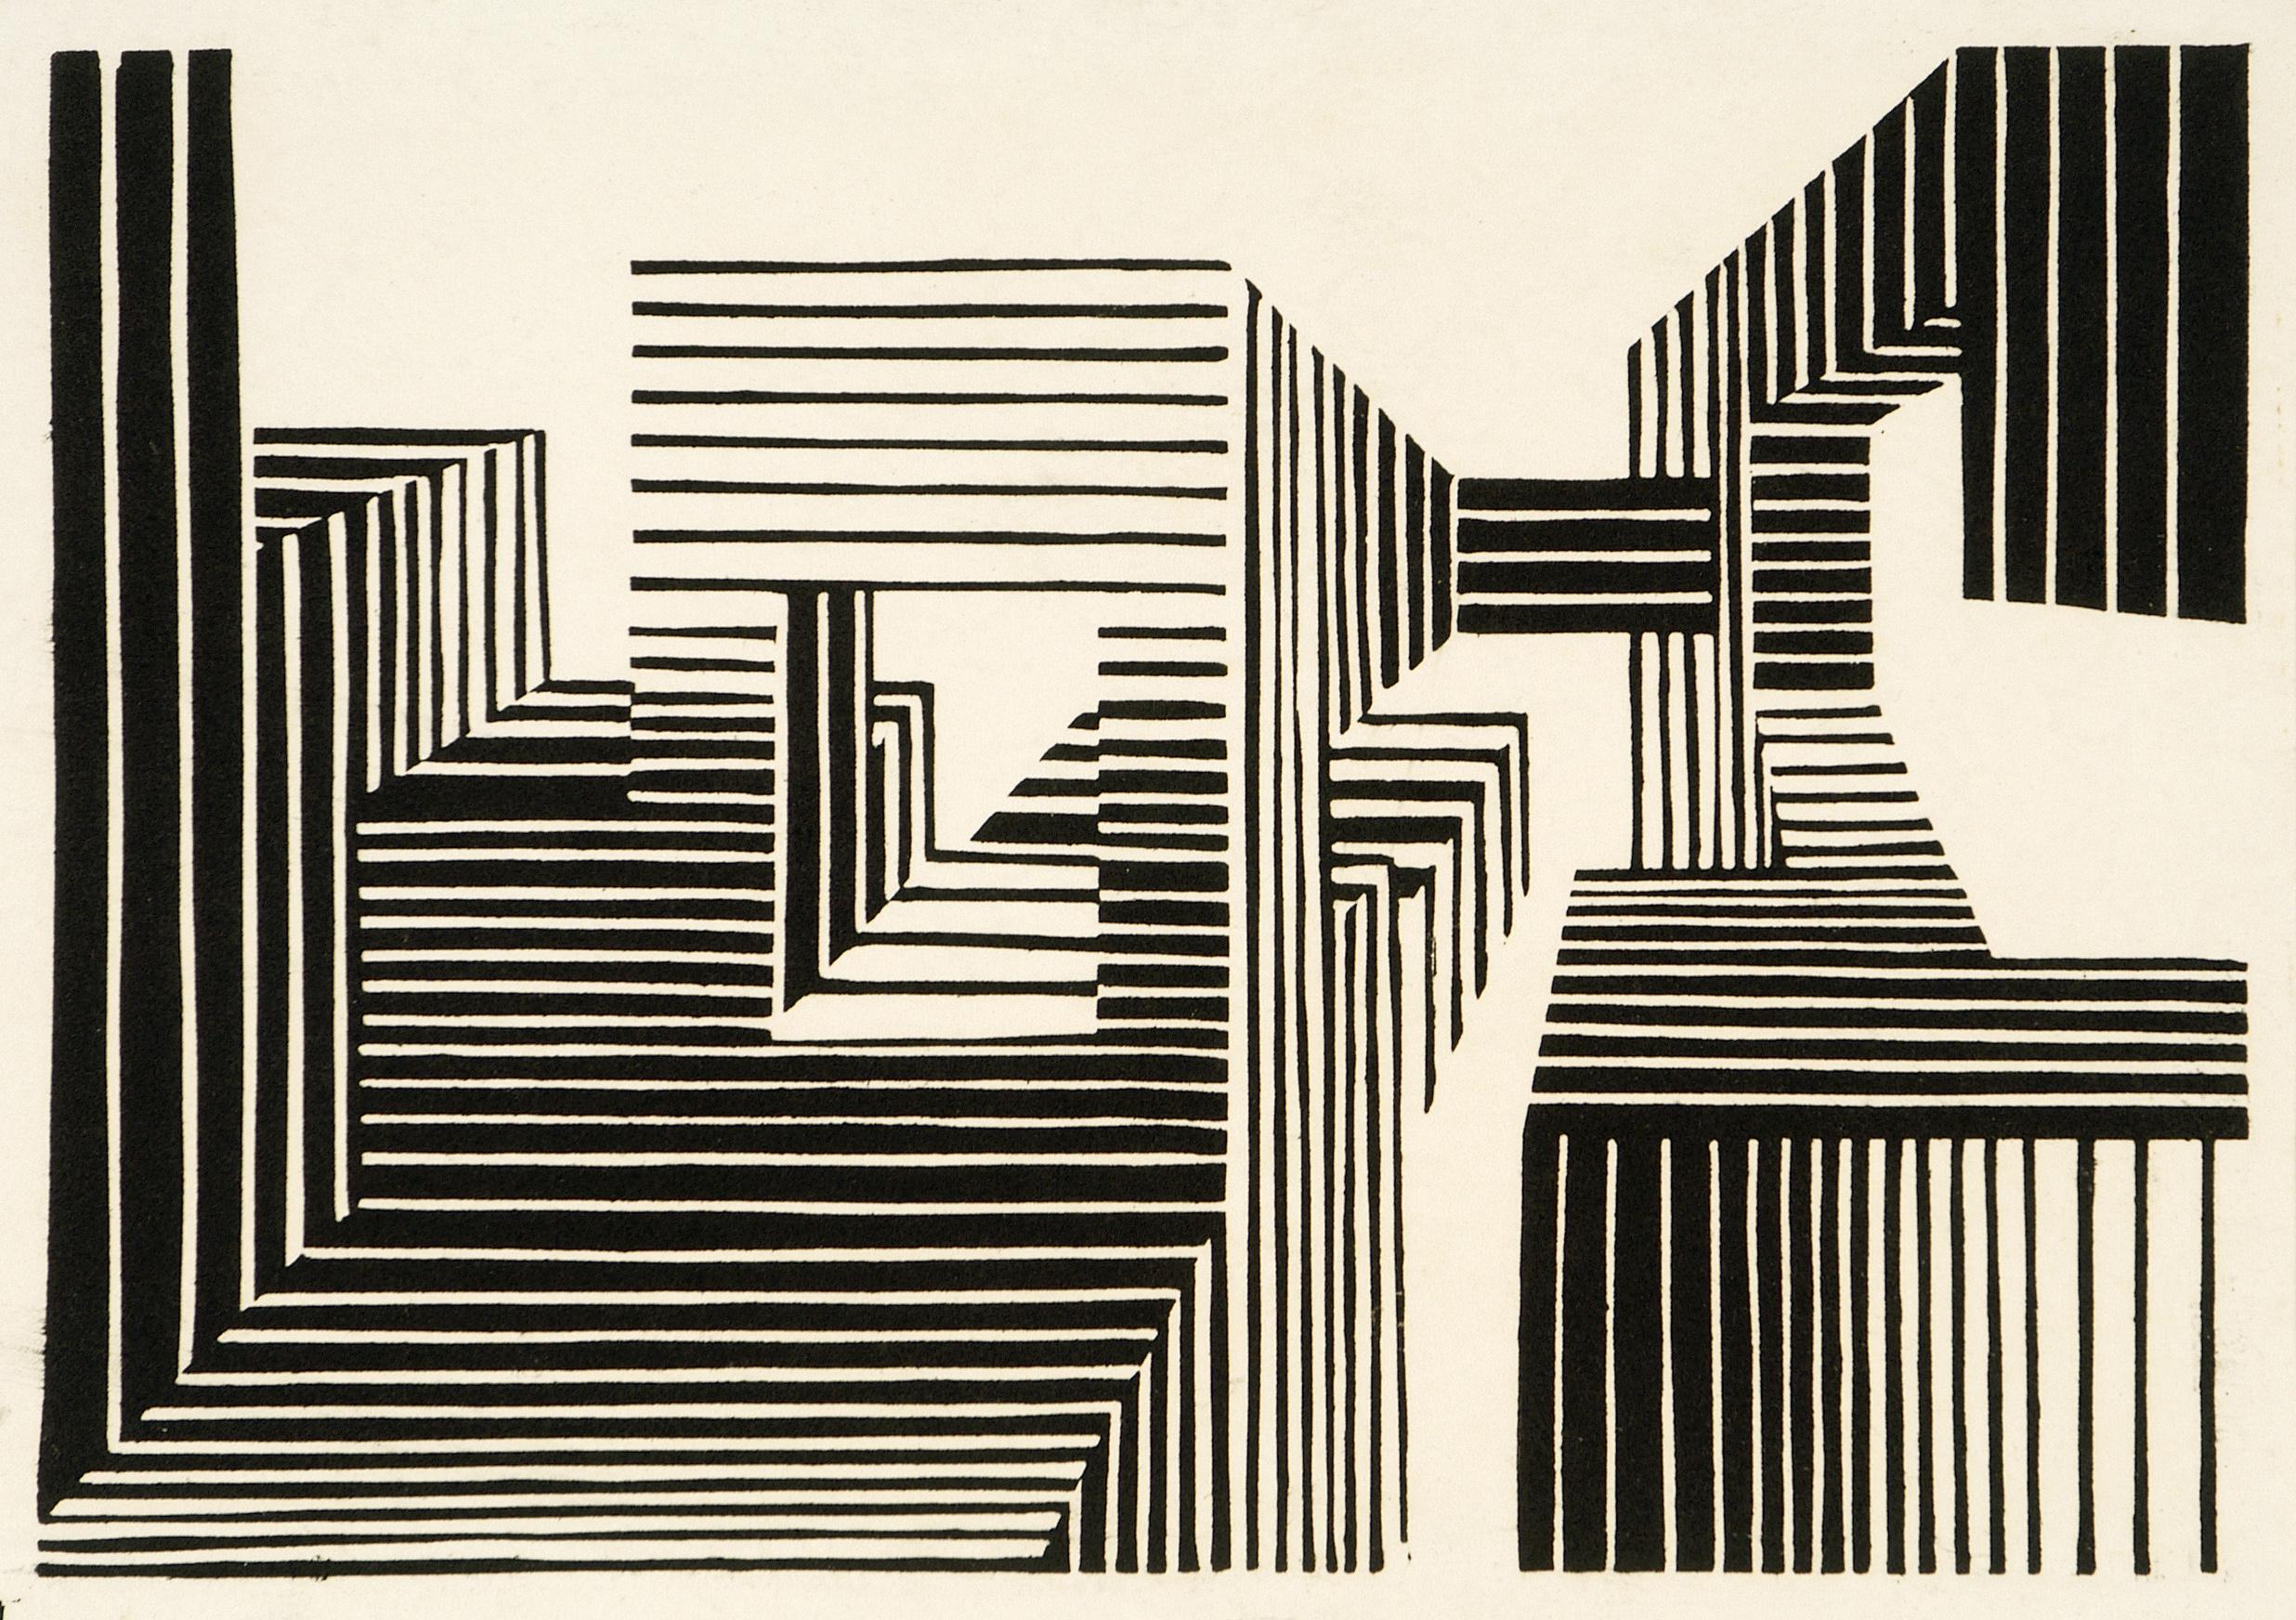 Optische constructie (Cees Post, 1966)